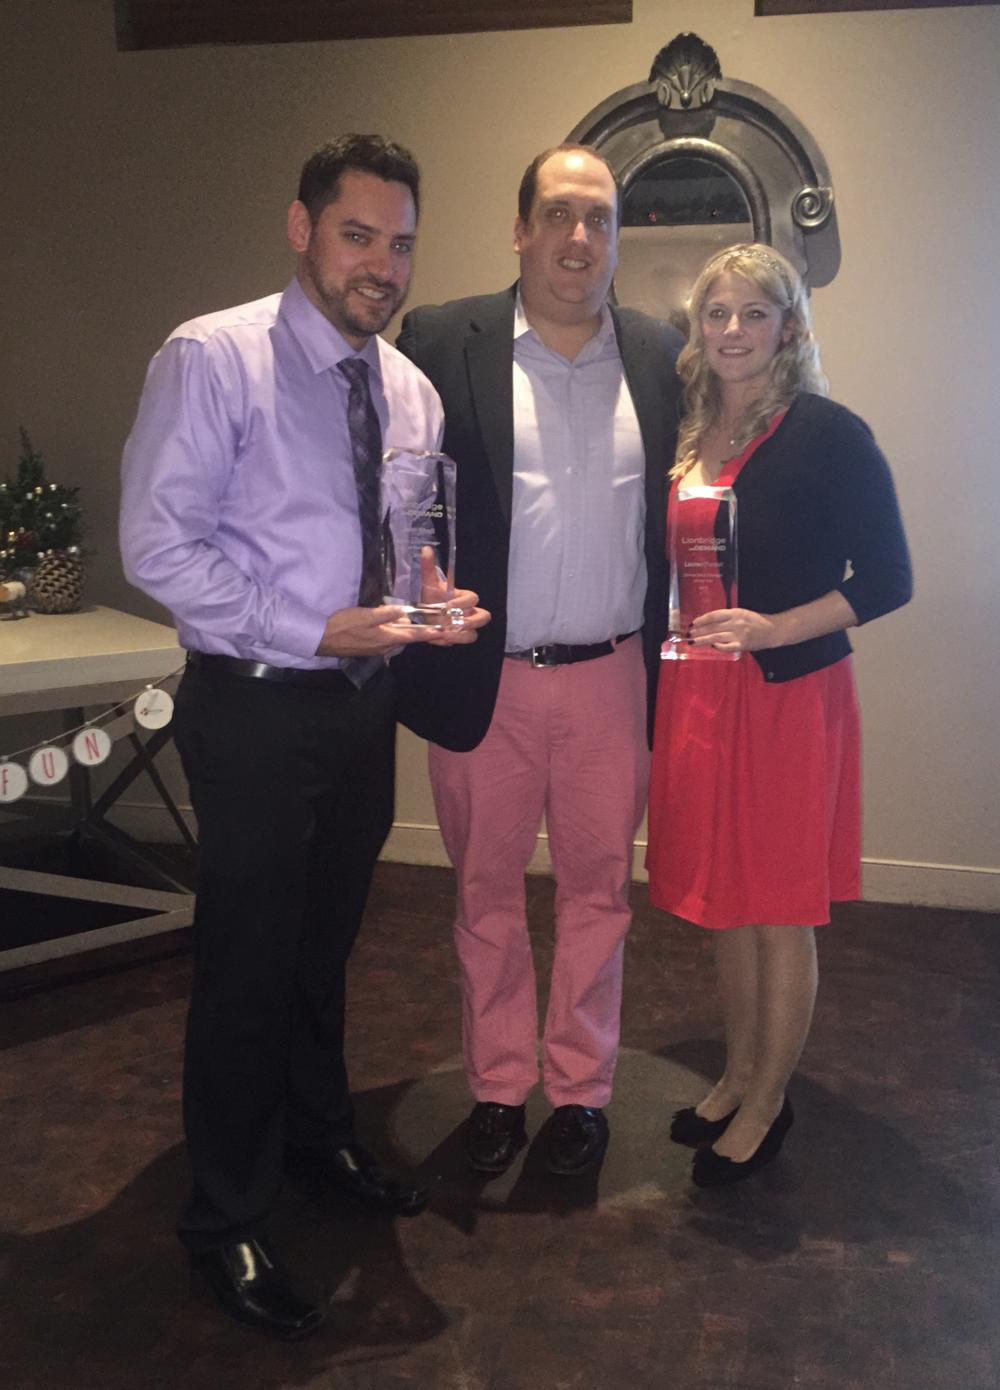 (L to R) Online Sales Manager John Sholl, VP of Online Sales Aaron Hakeson, and Online Sales            Manager Lauren Forest.